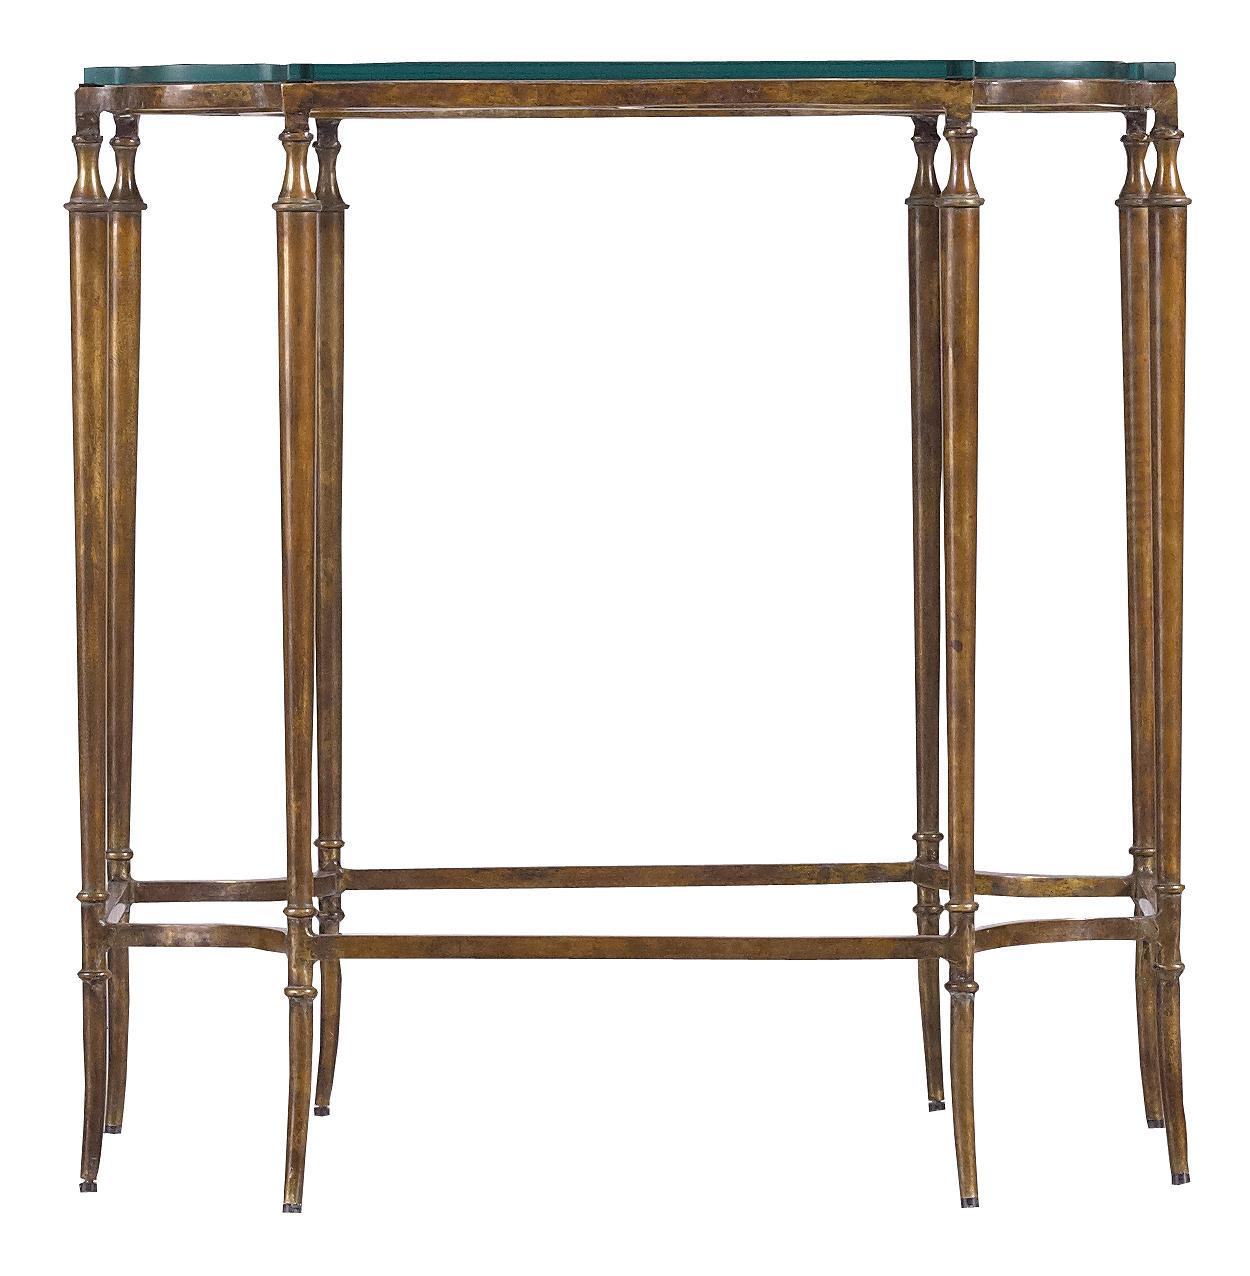 Stanley Furniture Arrondissement Soirée Side Table - Item Number: 222-15-08